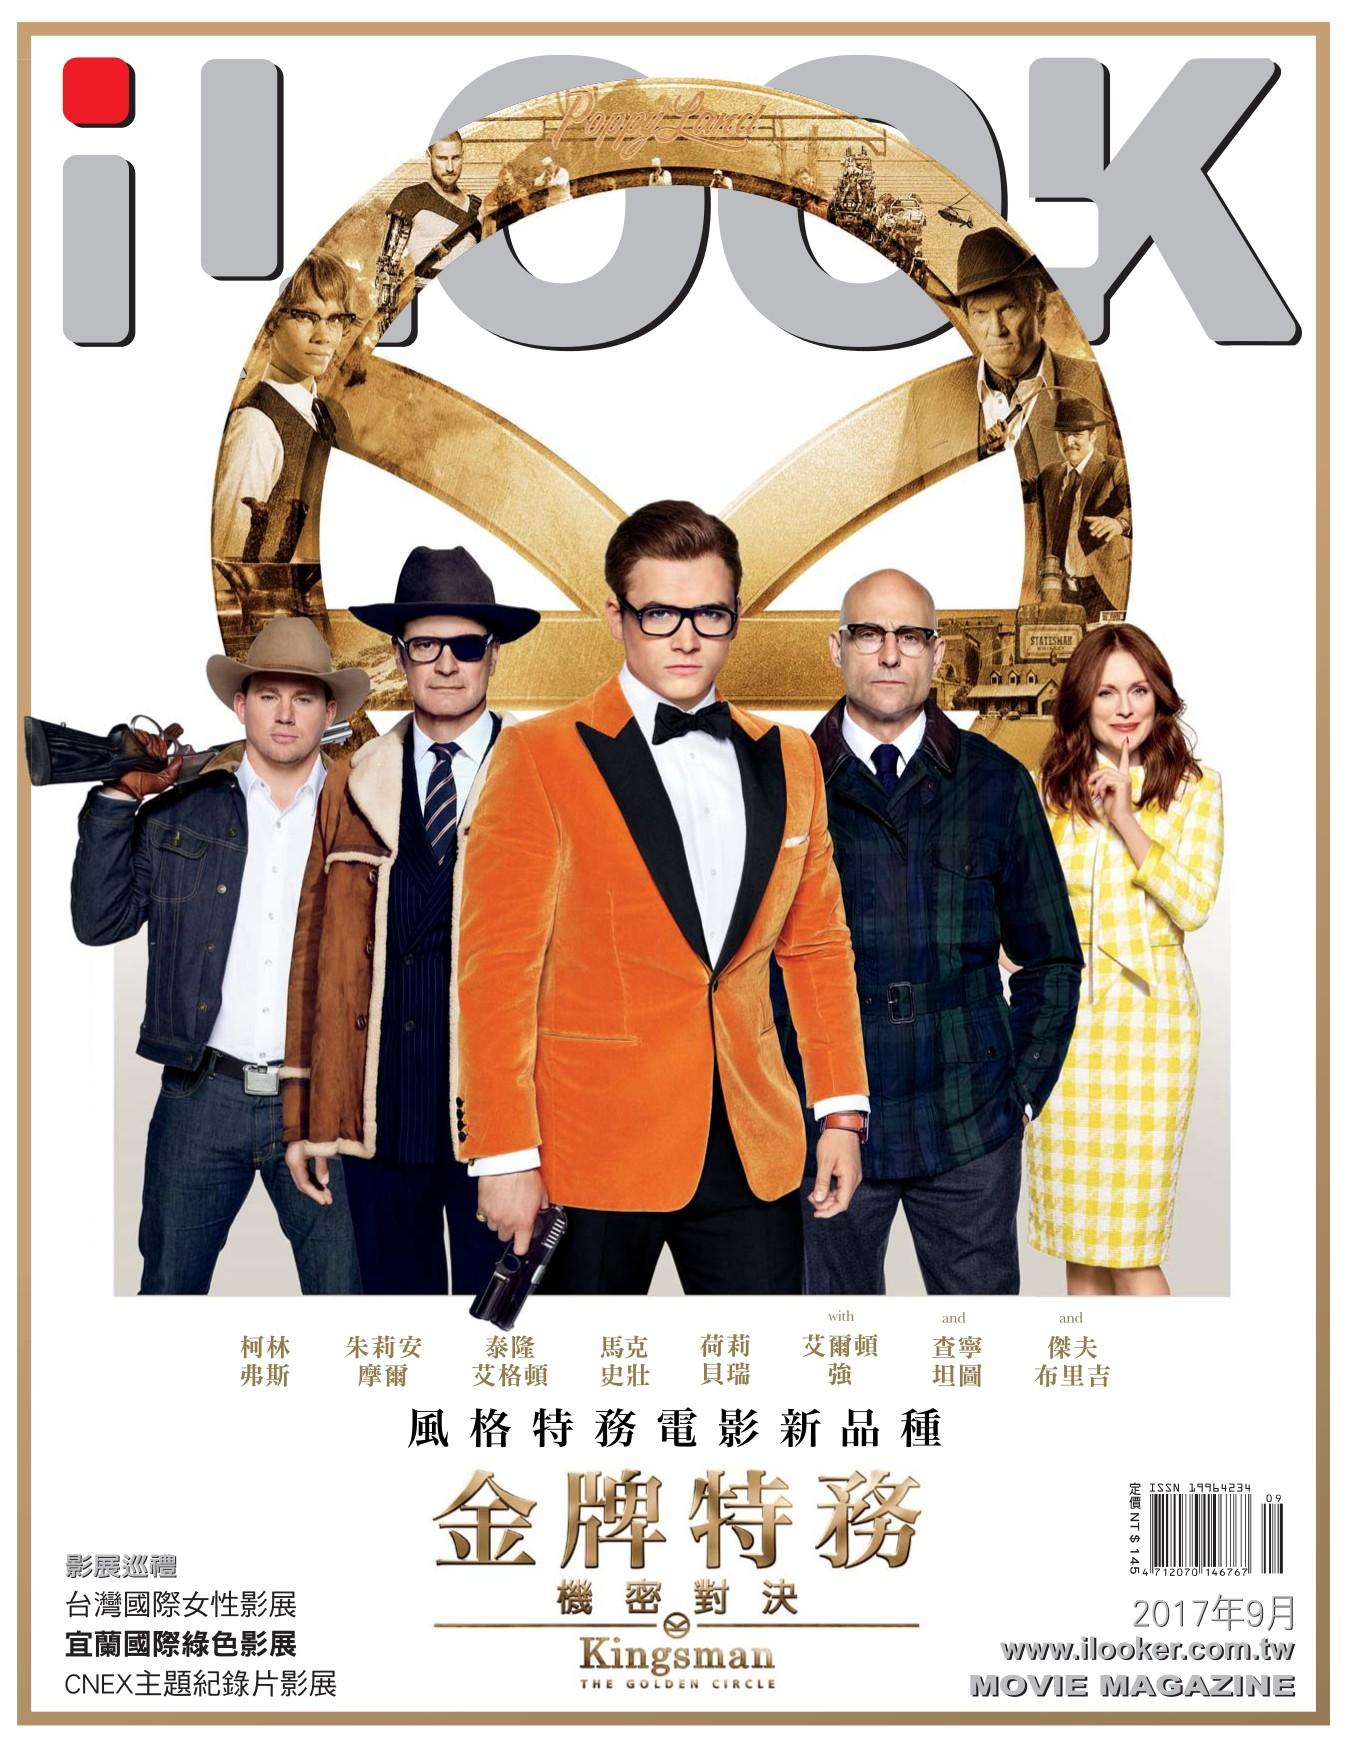 另開新視窗呈現 iLook電影雜誌 103 封面